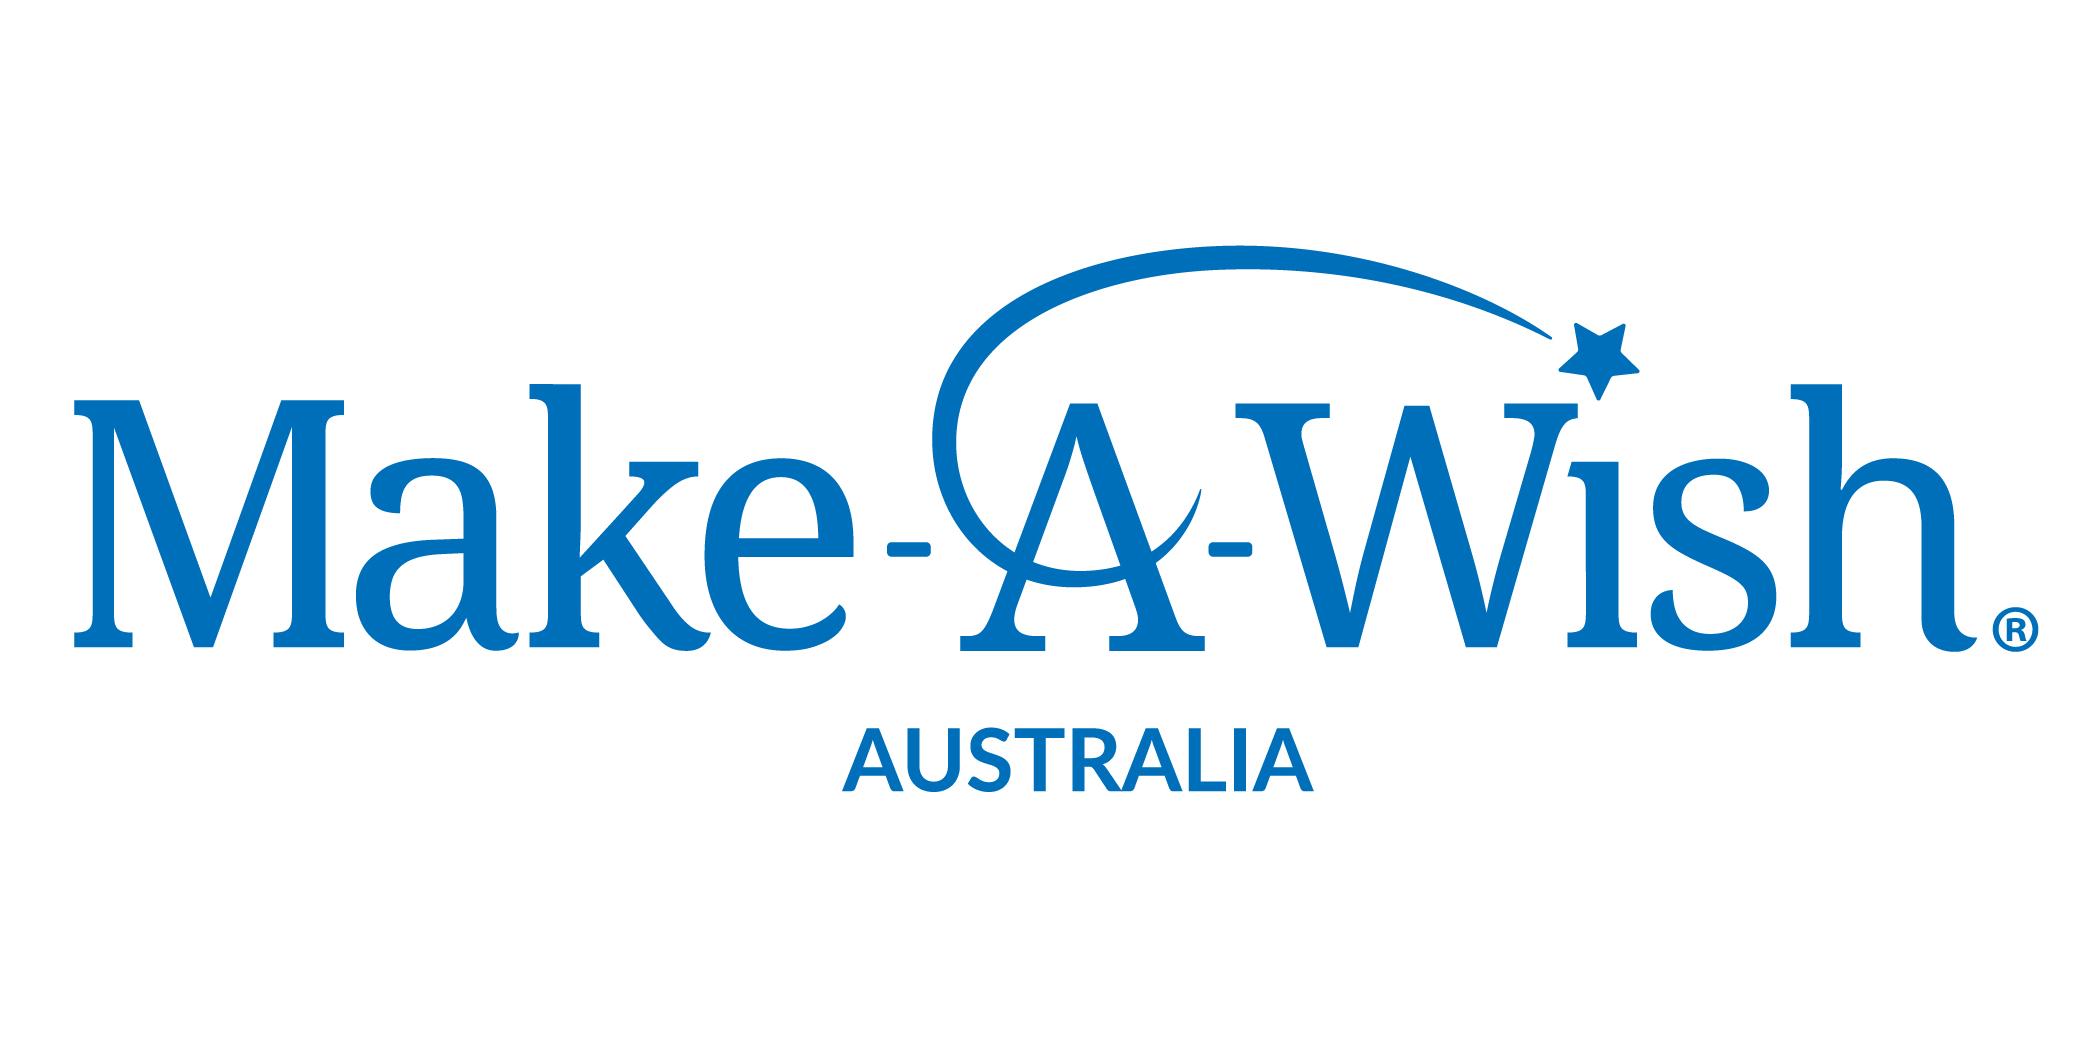 Make-A-Wish Australia